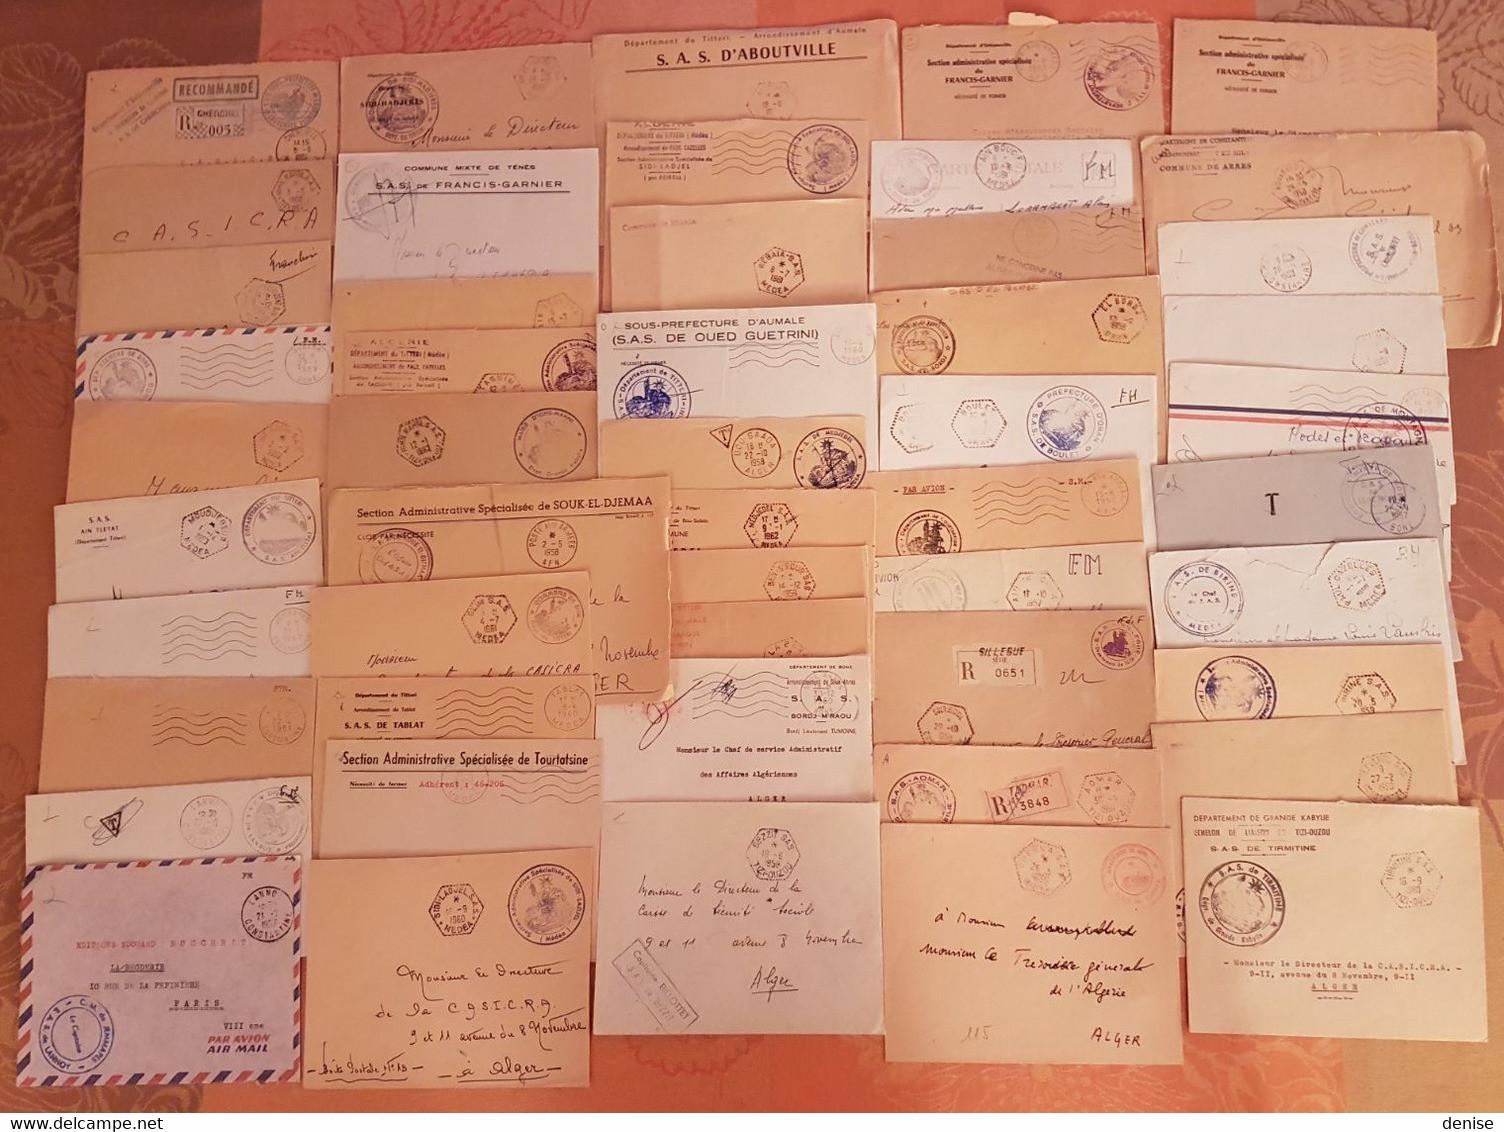 Algerie Française - Lot De 50 Lettres En Franchise Militaire - DEPART 1 EURO - Années 1957-1962 - Covers & Documents